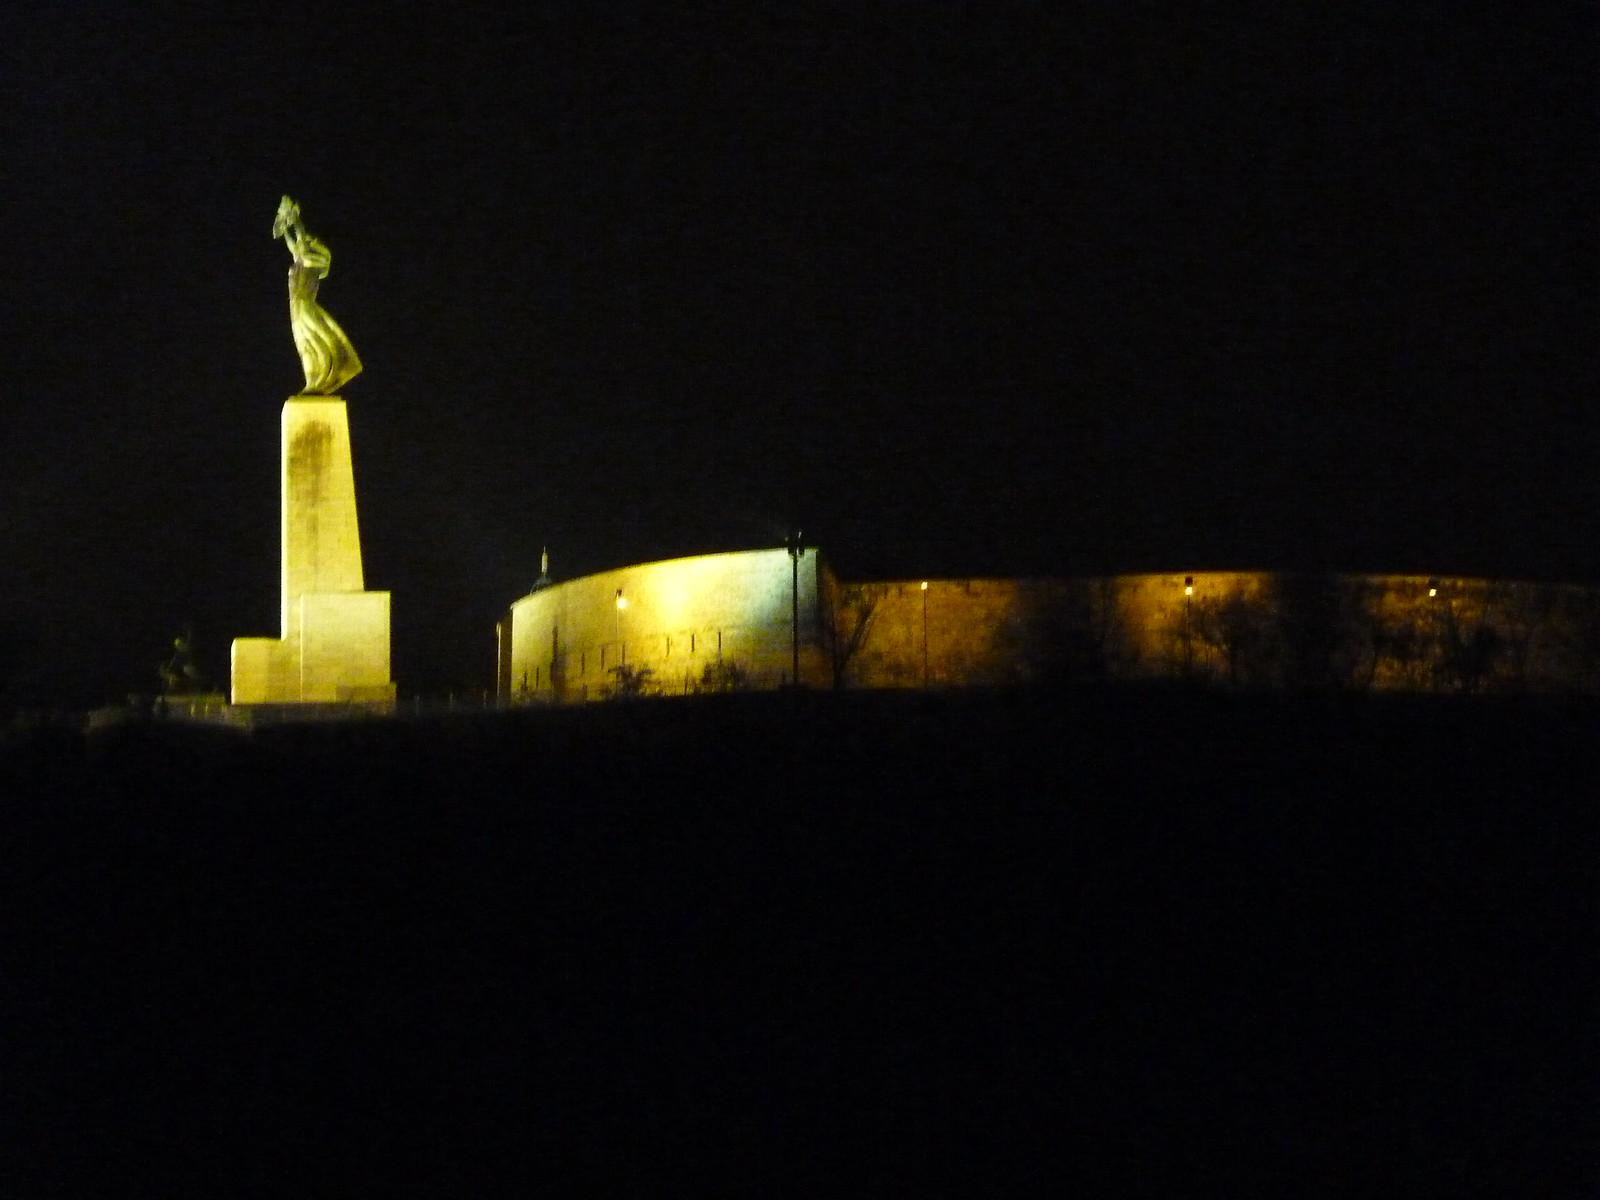 Zitadelle mit der Freiheitsstatue